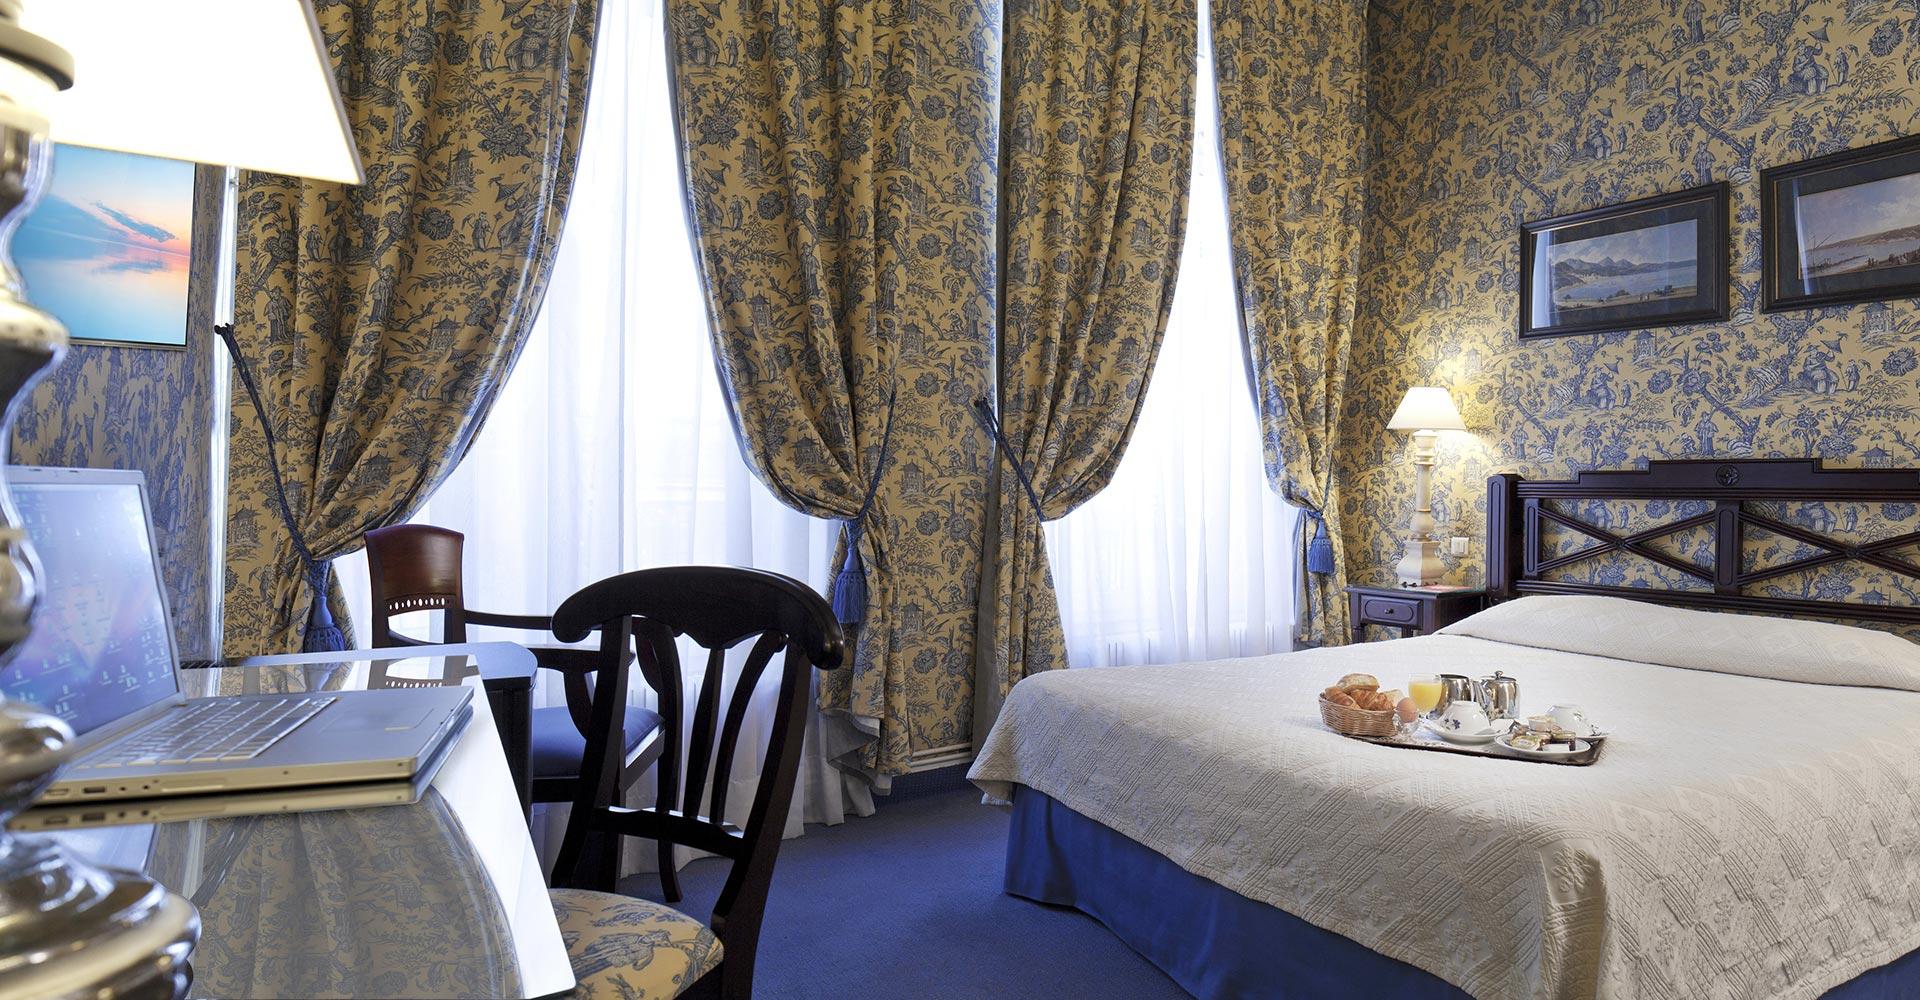 hotel_beaubourg_paris_marais_double_superieure3